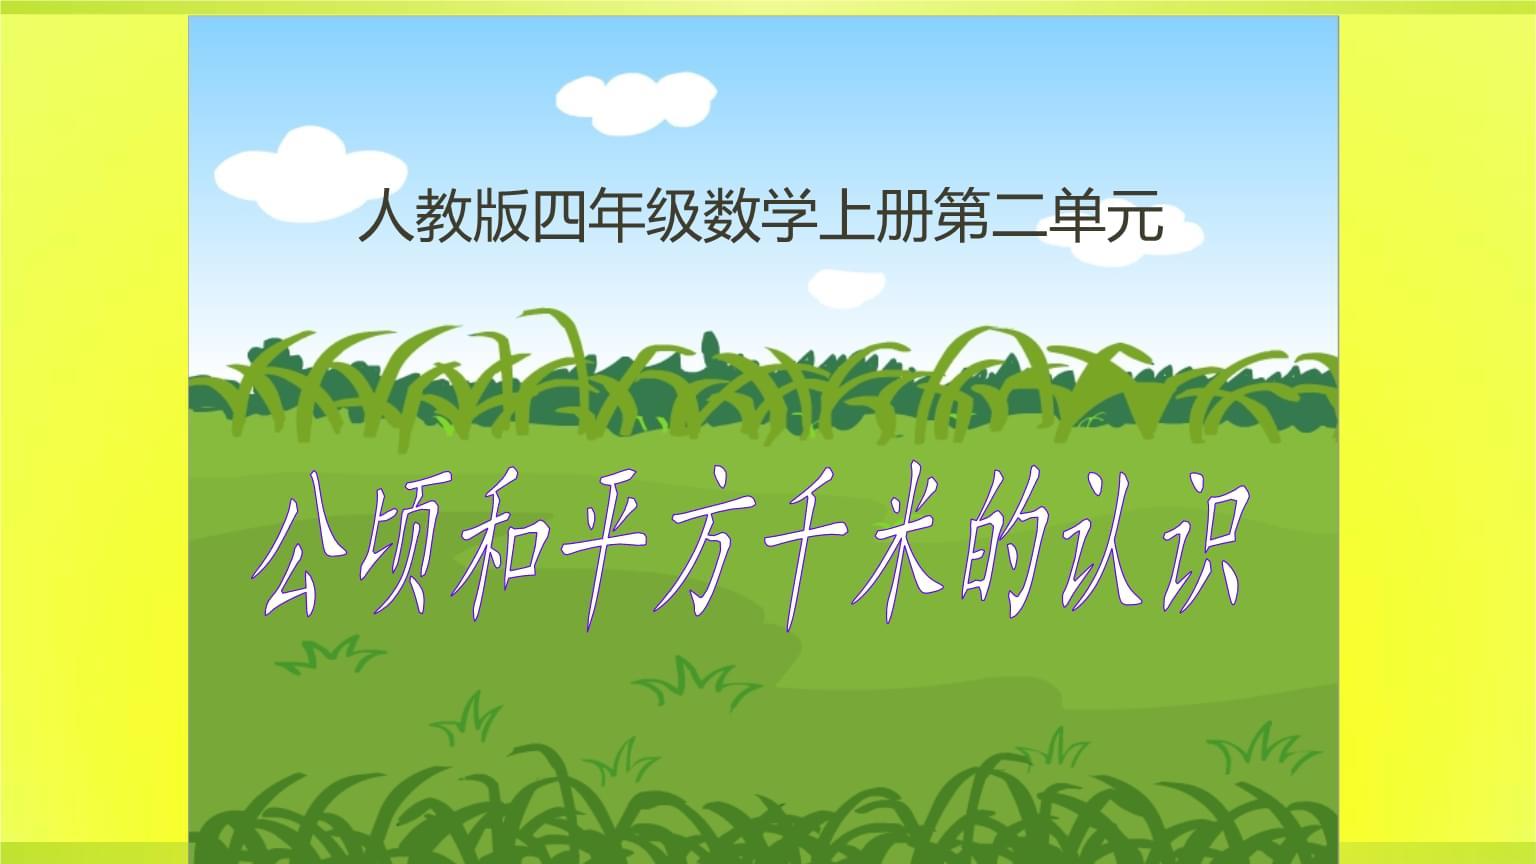 四年级数学上册公顷和平方千米人教新课标 (2).pptx